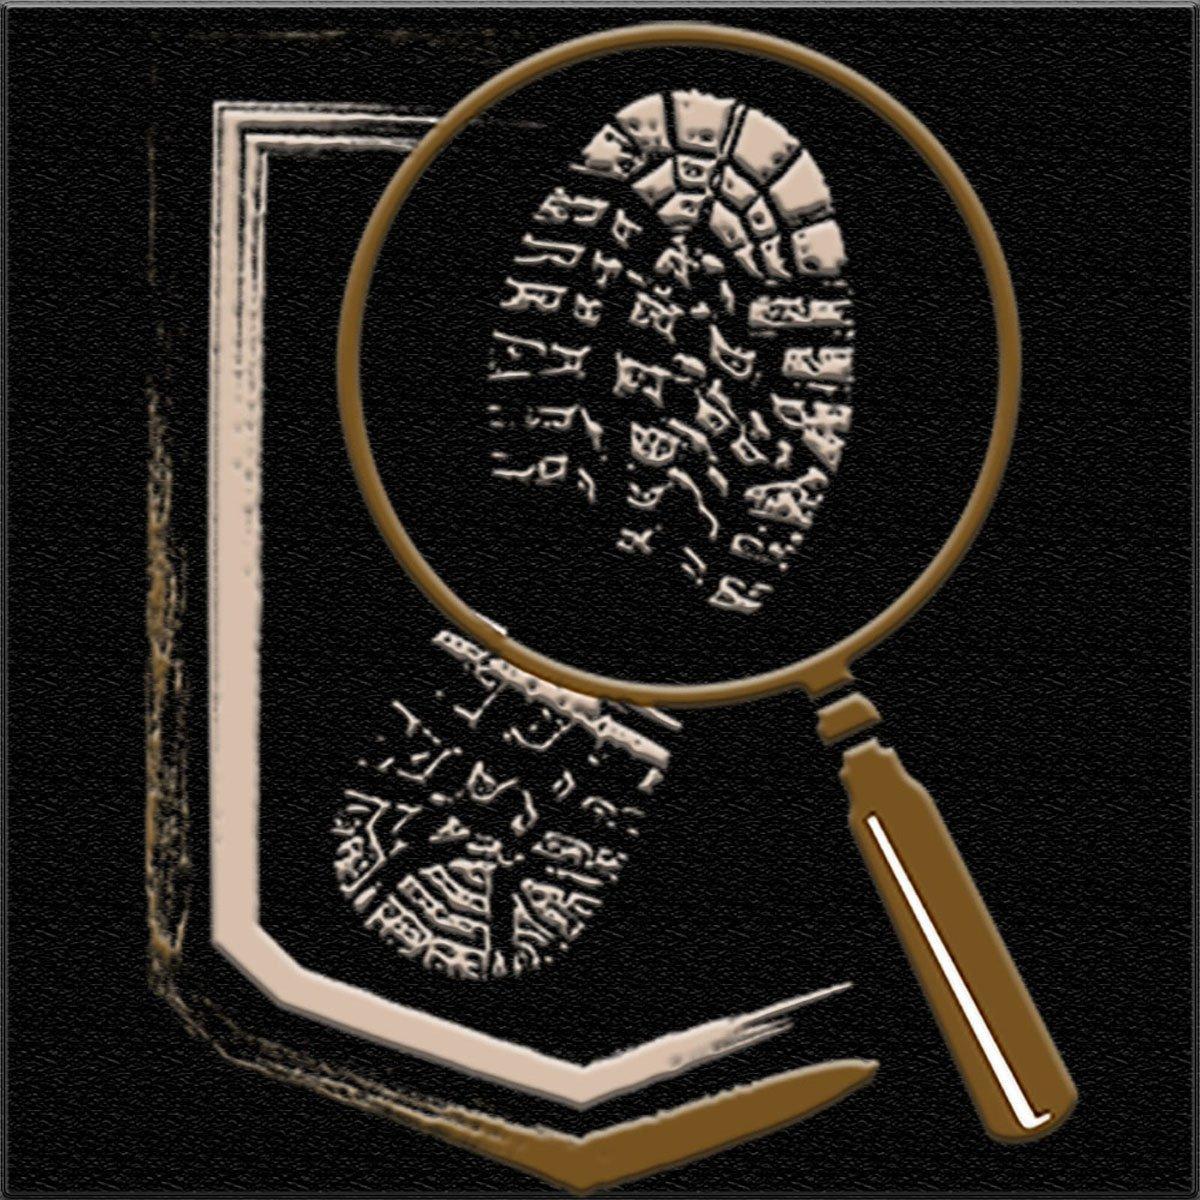 Hire The Best Private Investigator in Orlando